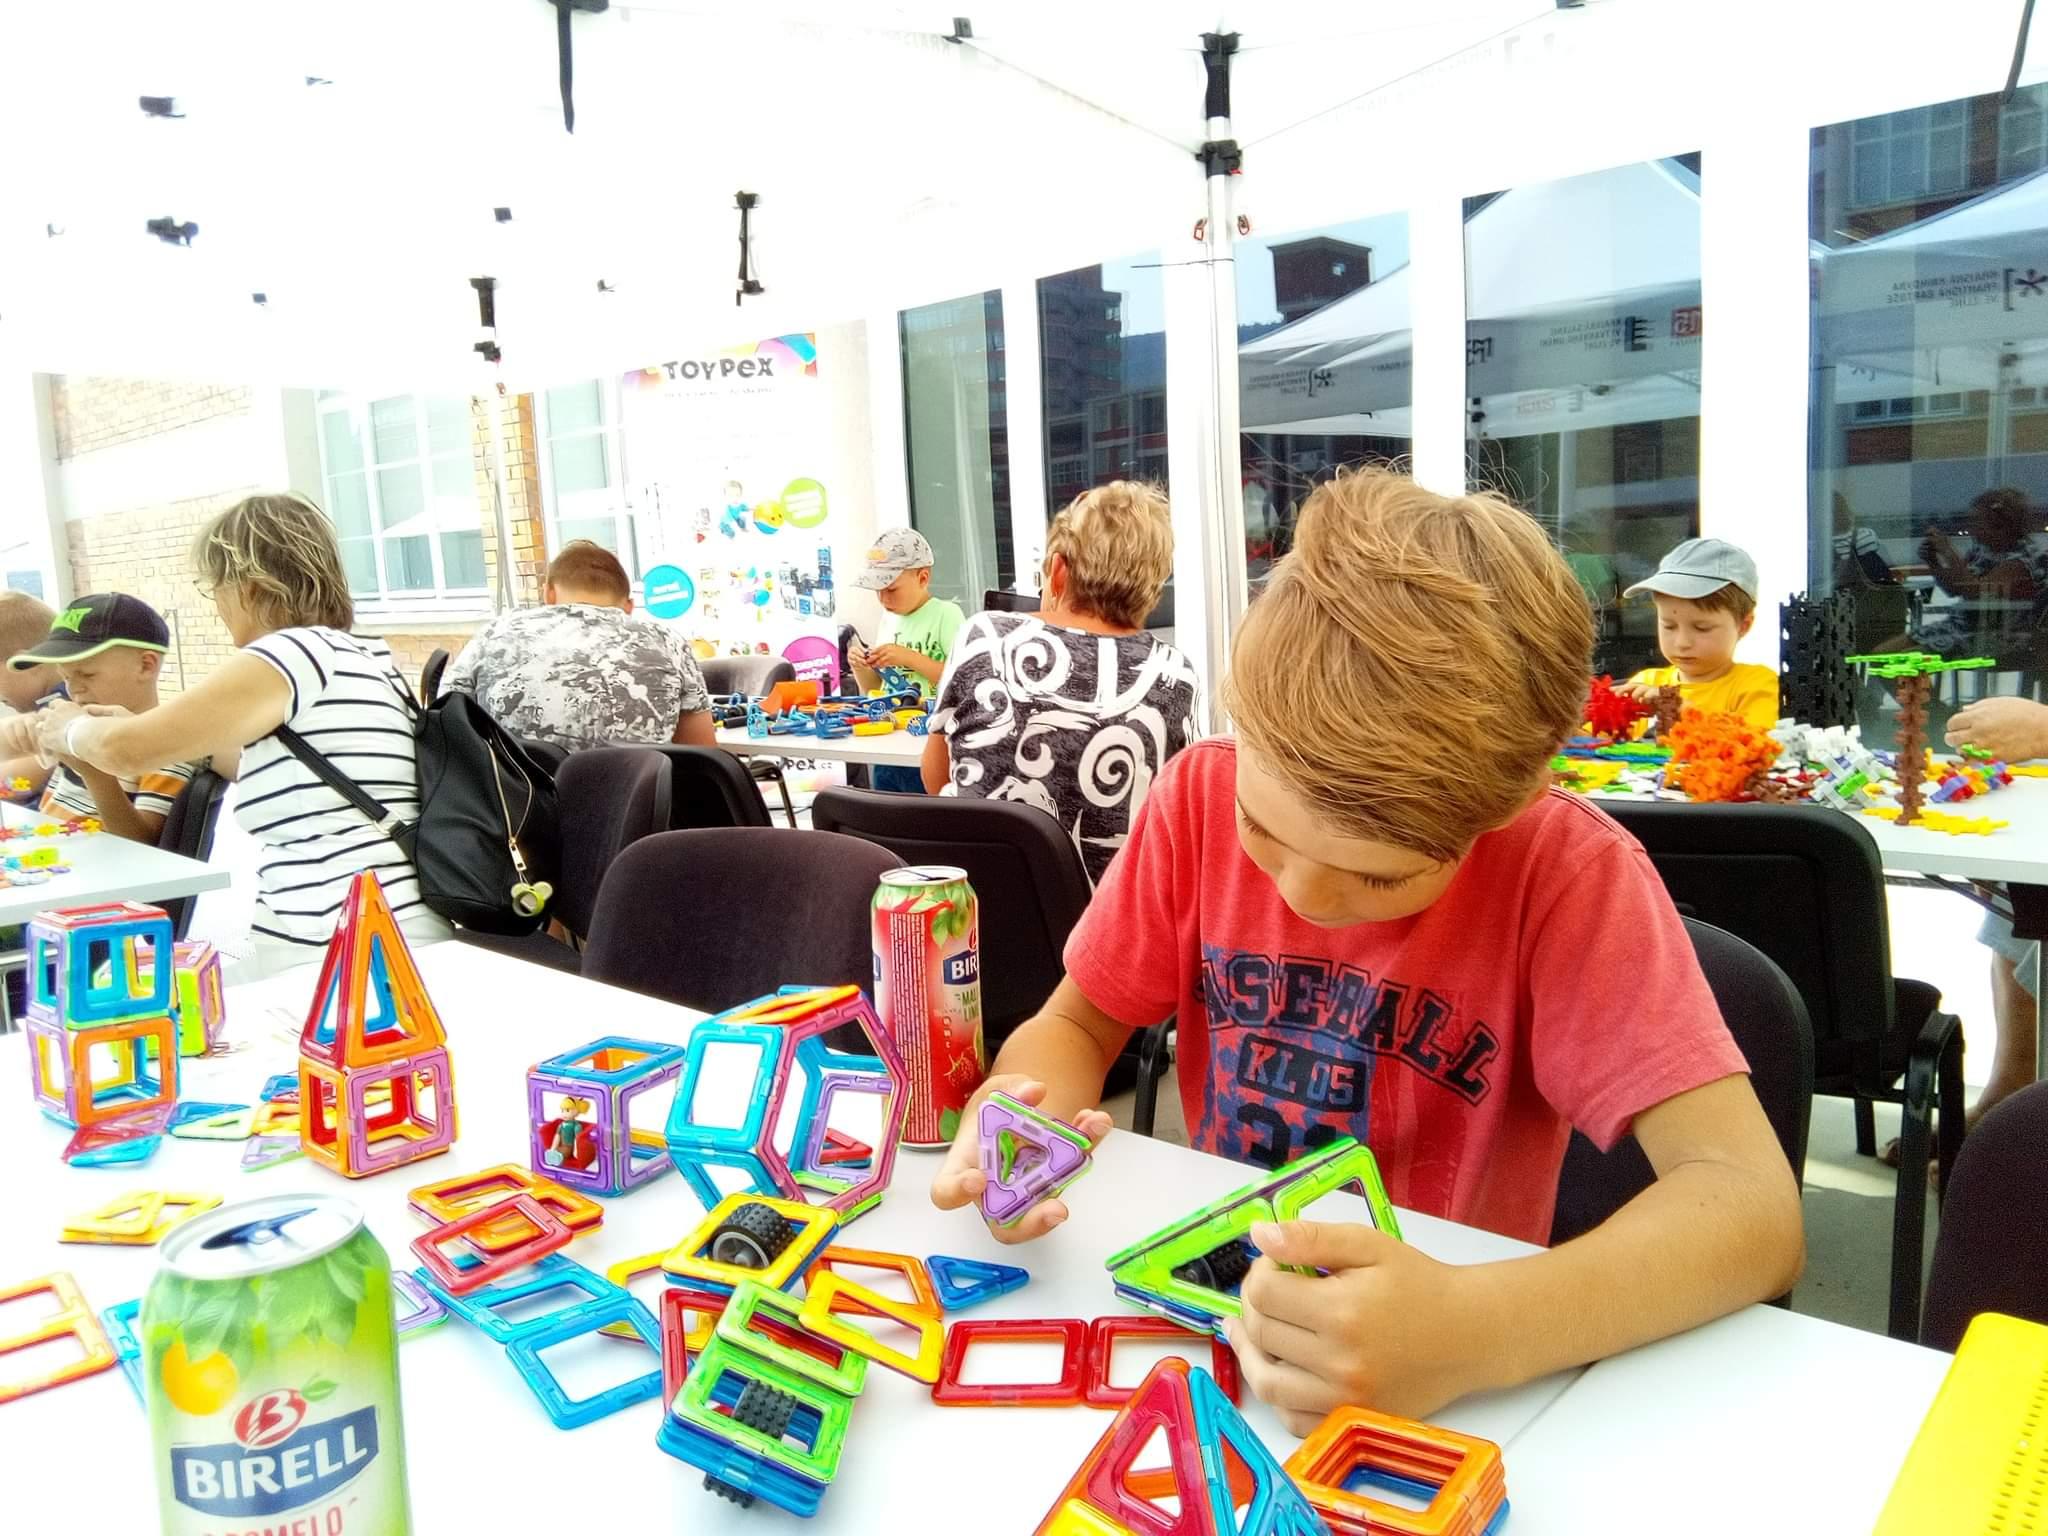 Hračky Toypex k vidění a vyzkoušení i na podzim